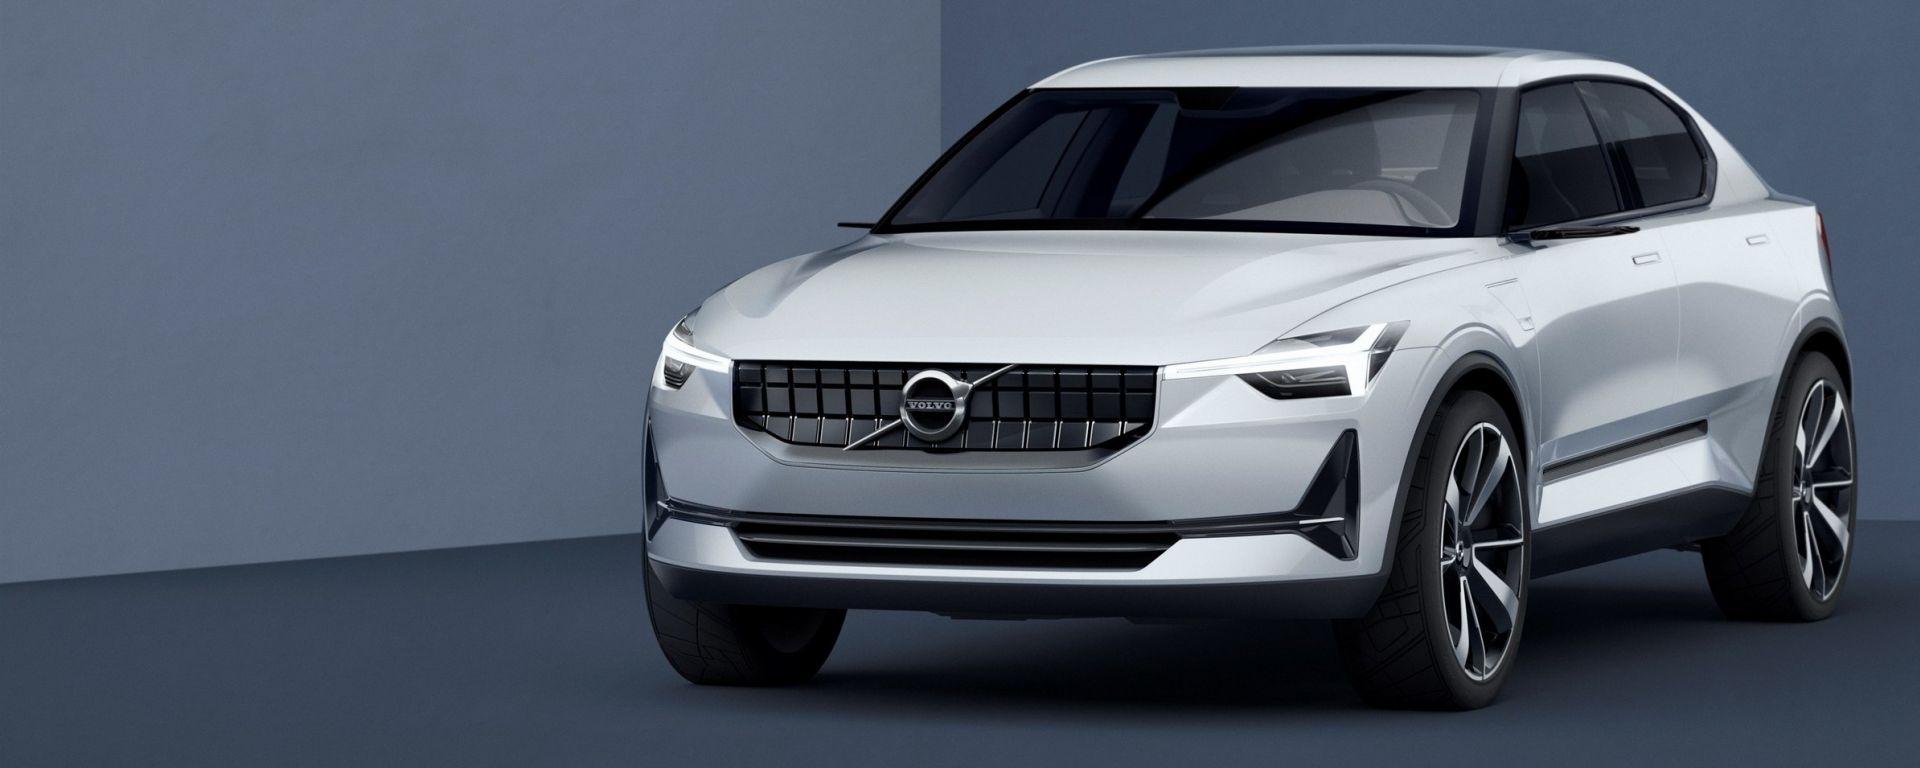 X Lg on Volvo V40